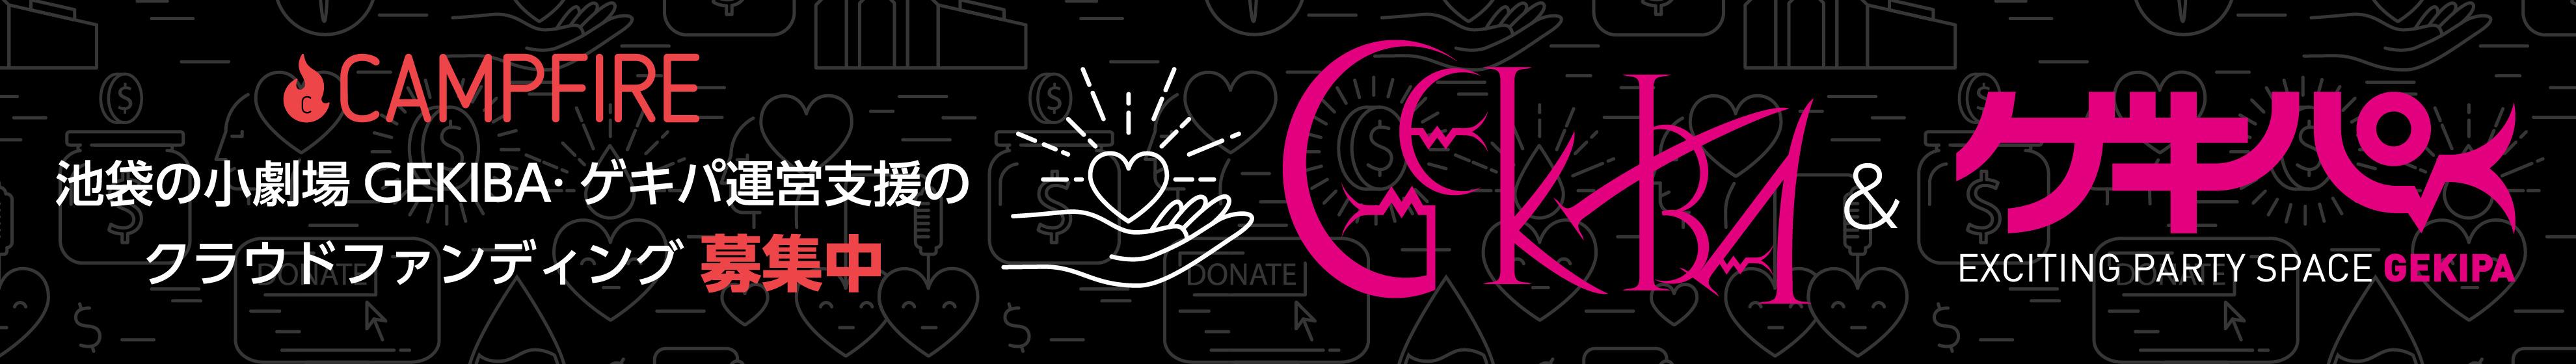 池袋の小劇場GEKIBA·ゲキパ運営支援の クラウドファンディング 募集中